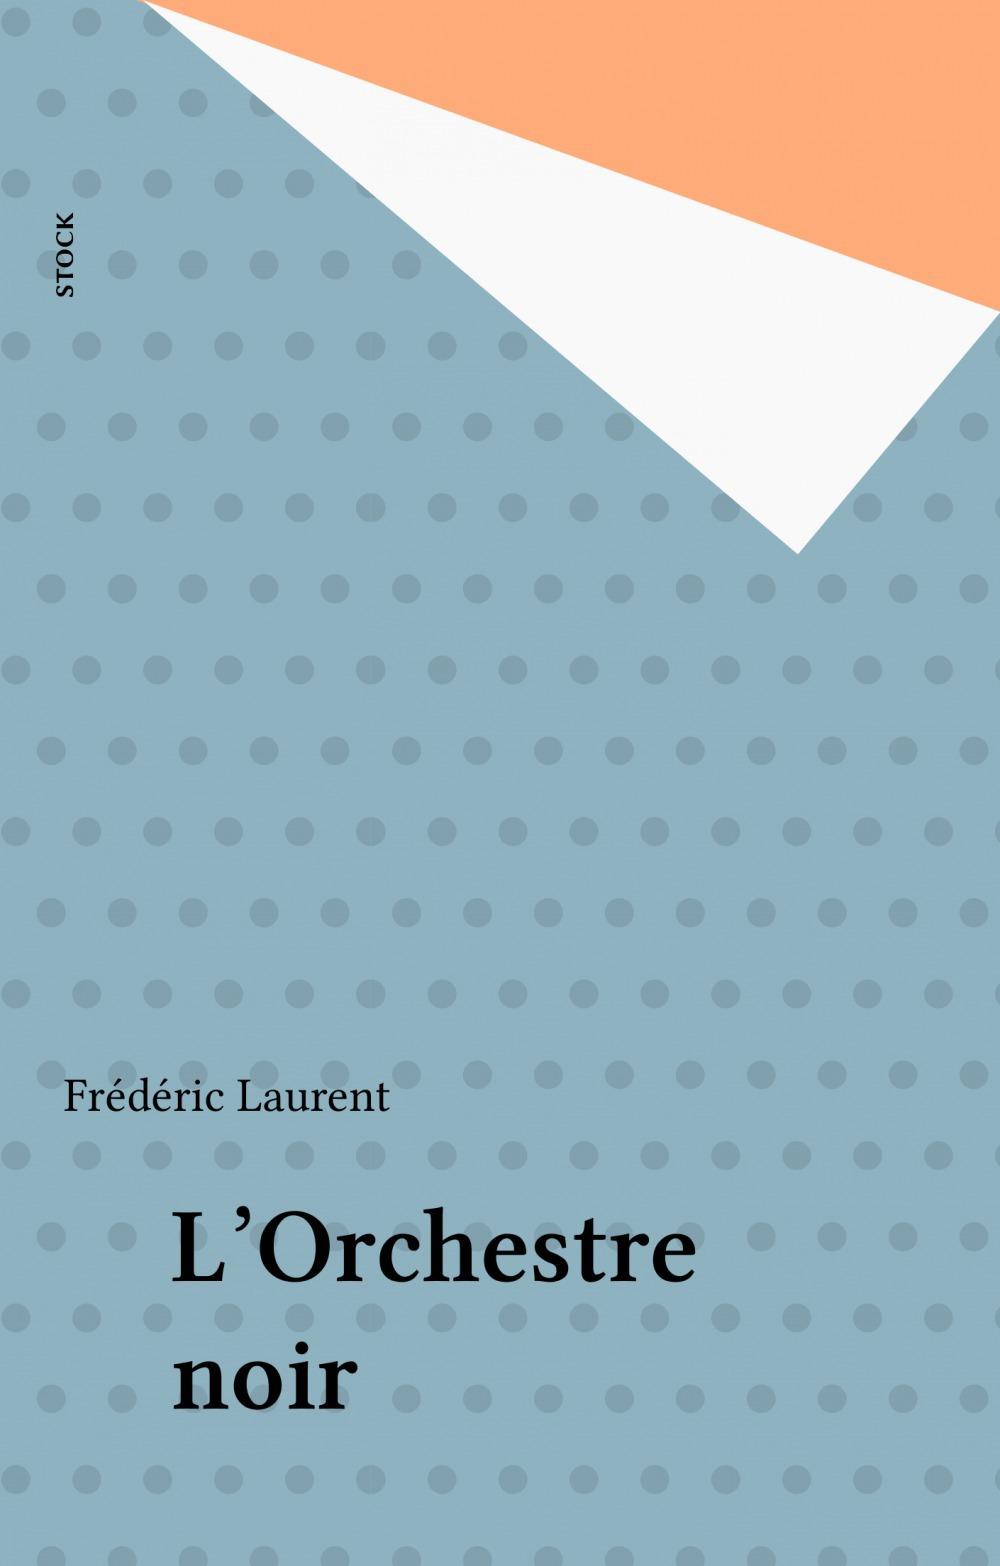 L'Orchestre noir